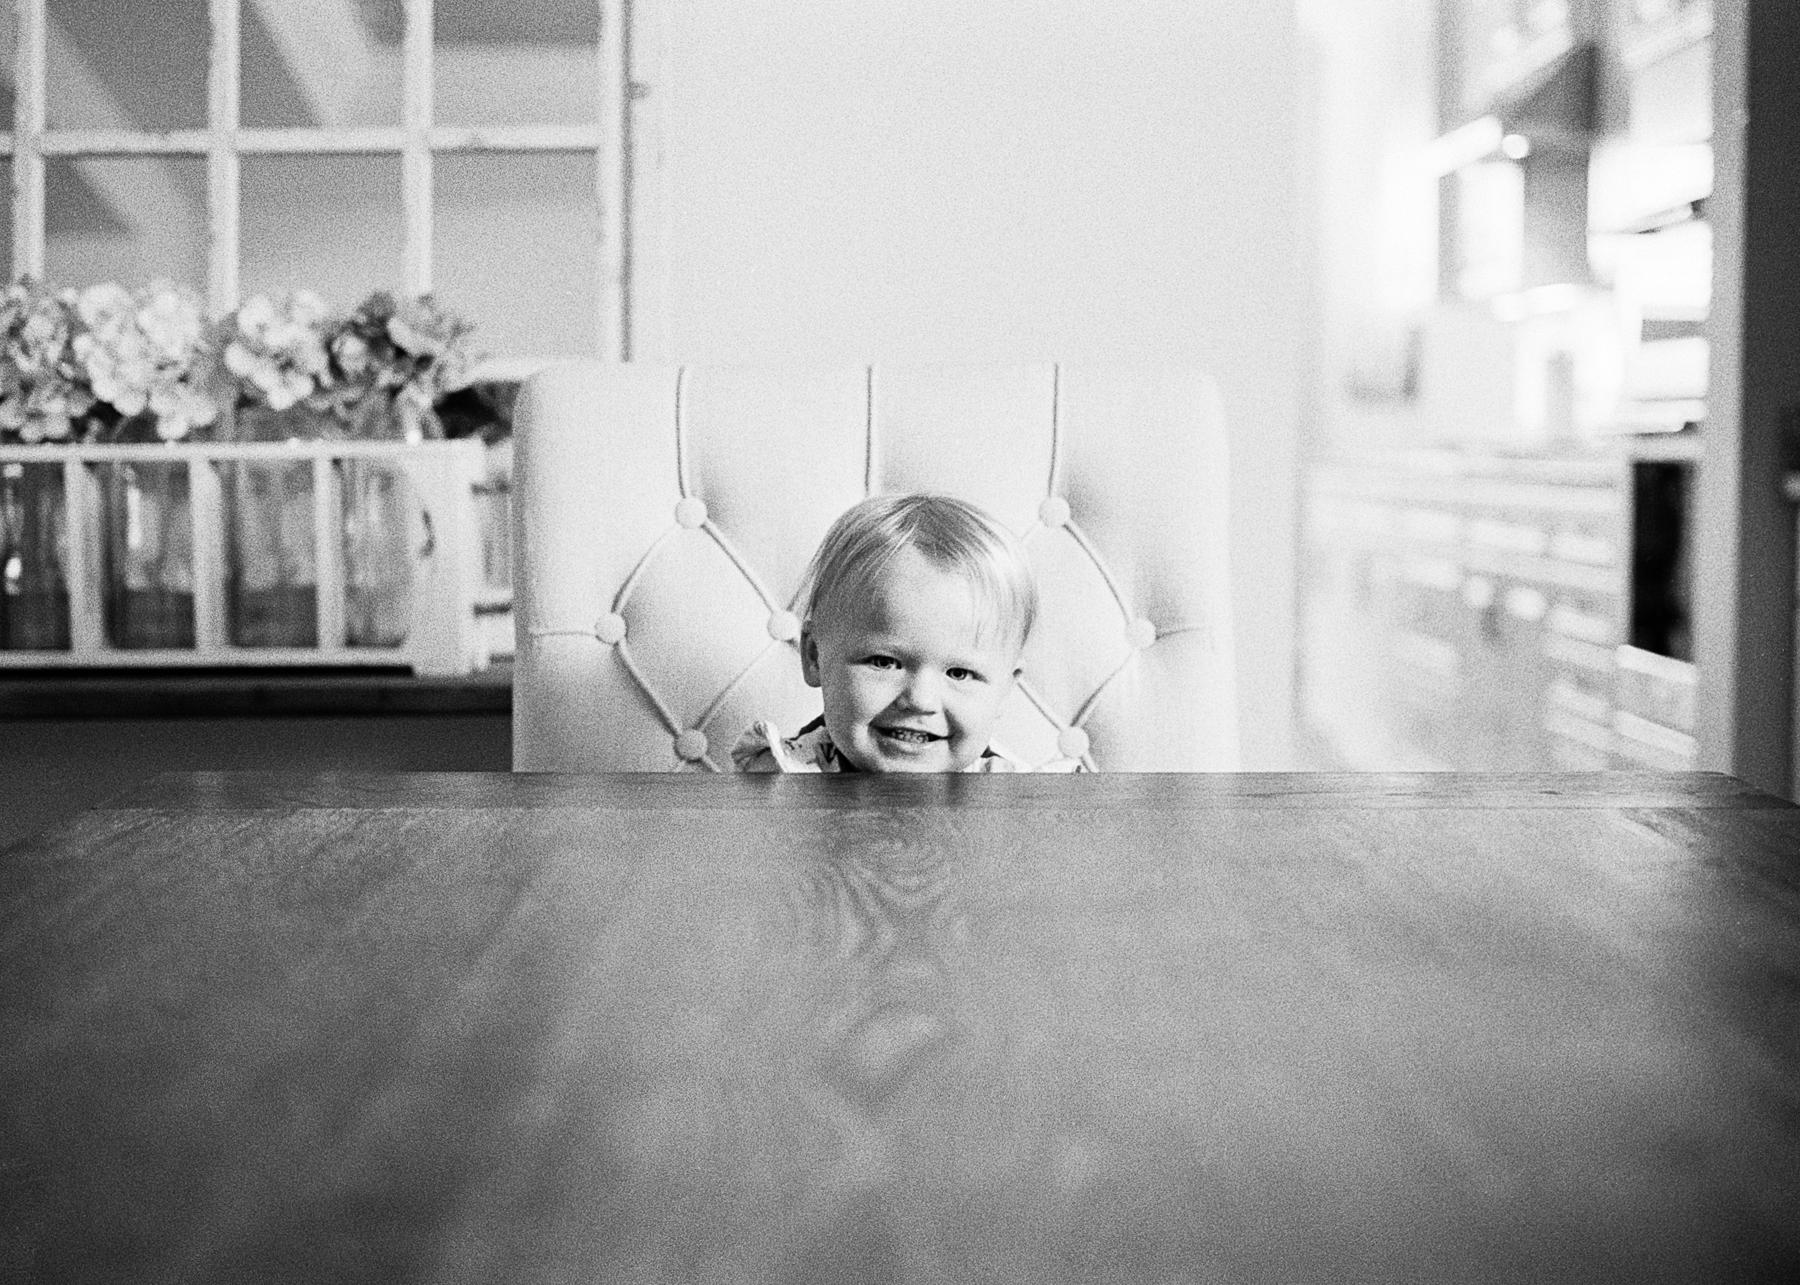 Ellie_Dinner_Table_2.jpg